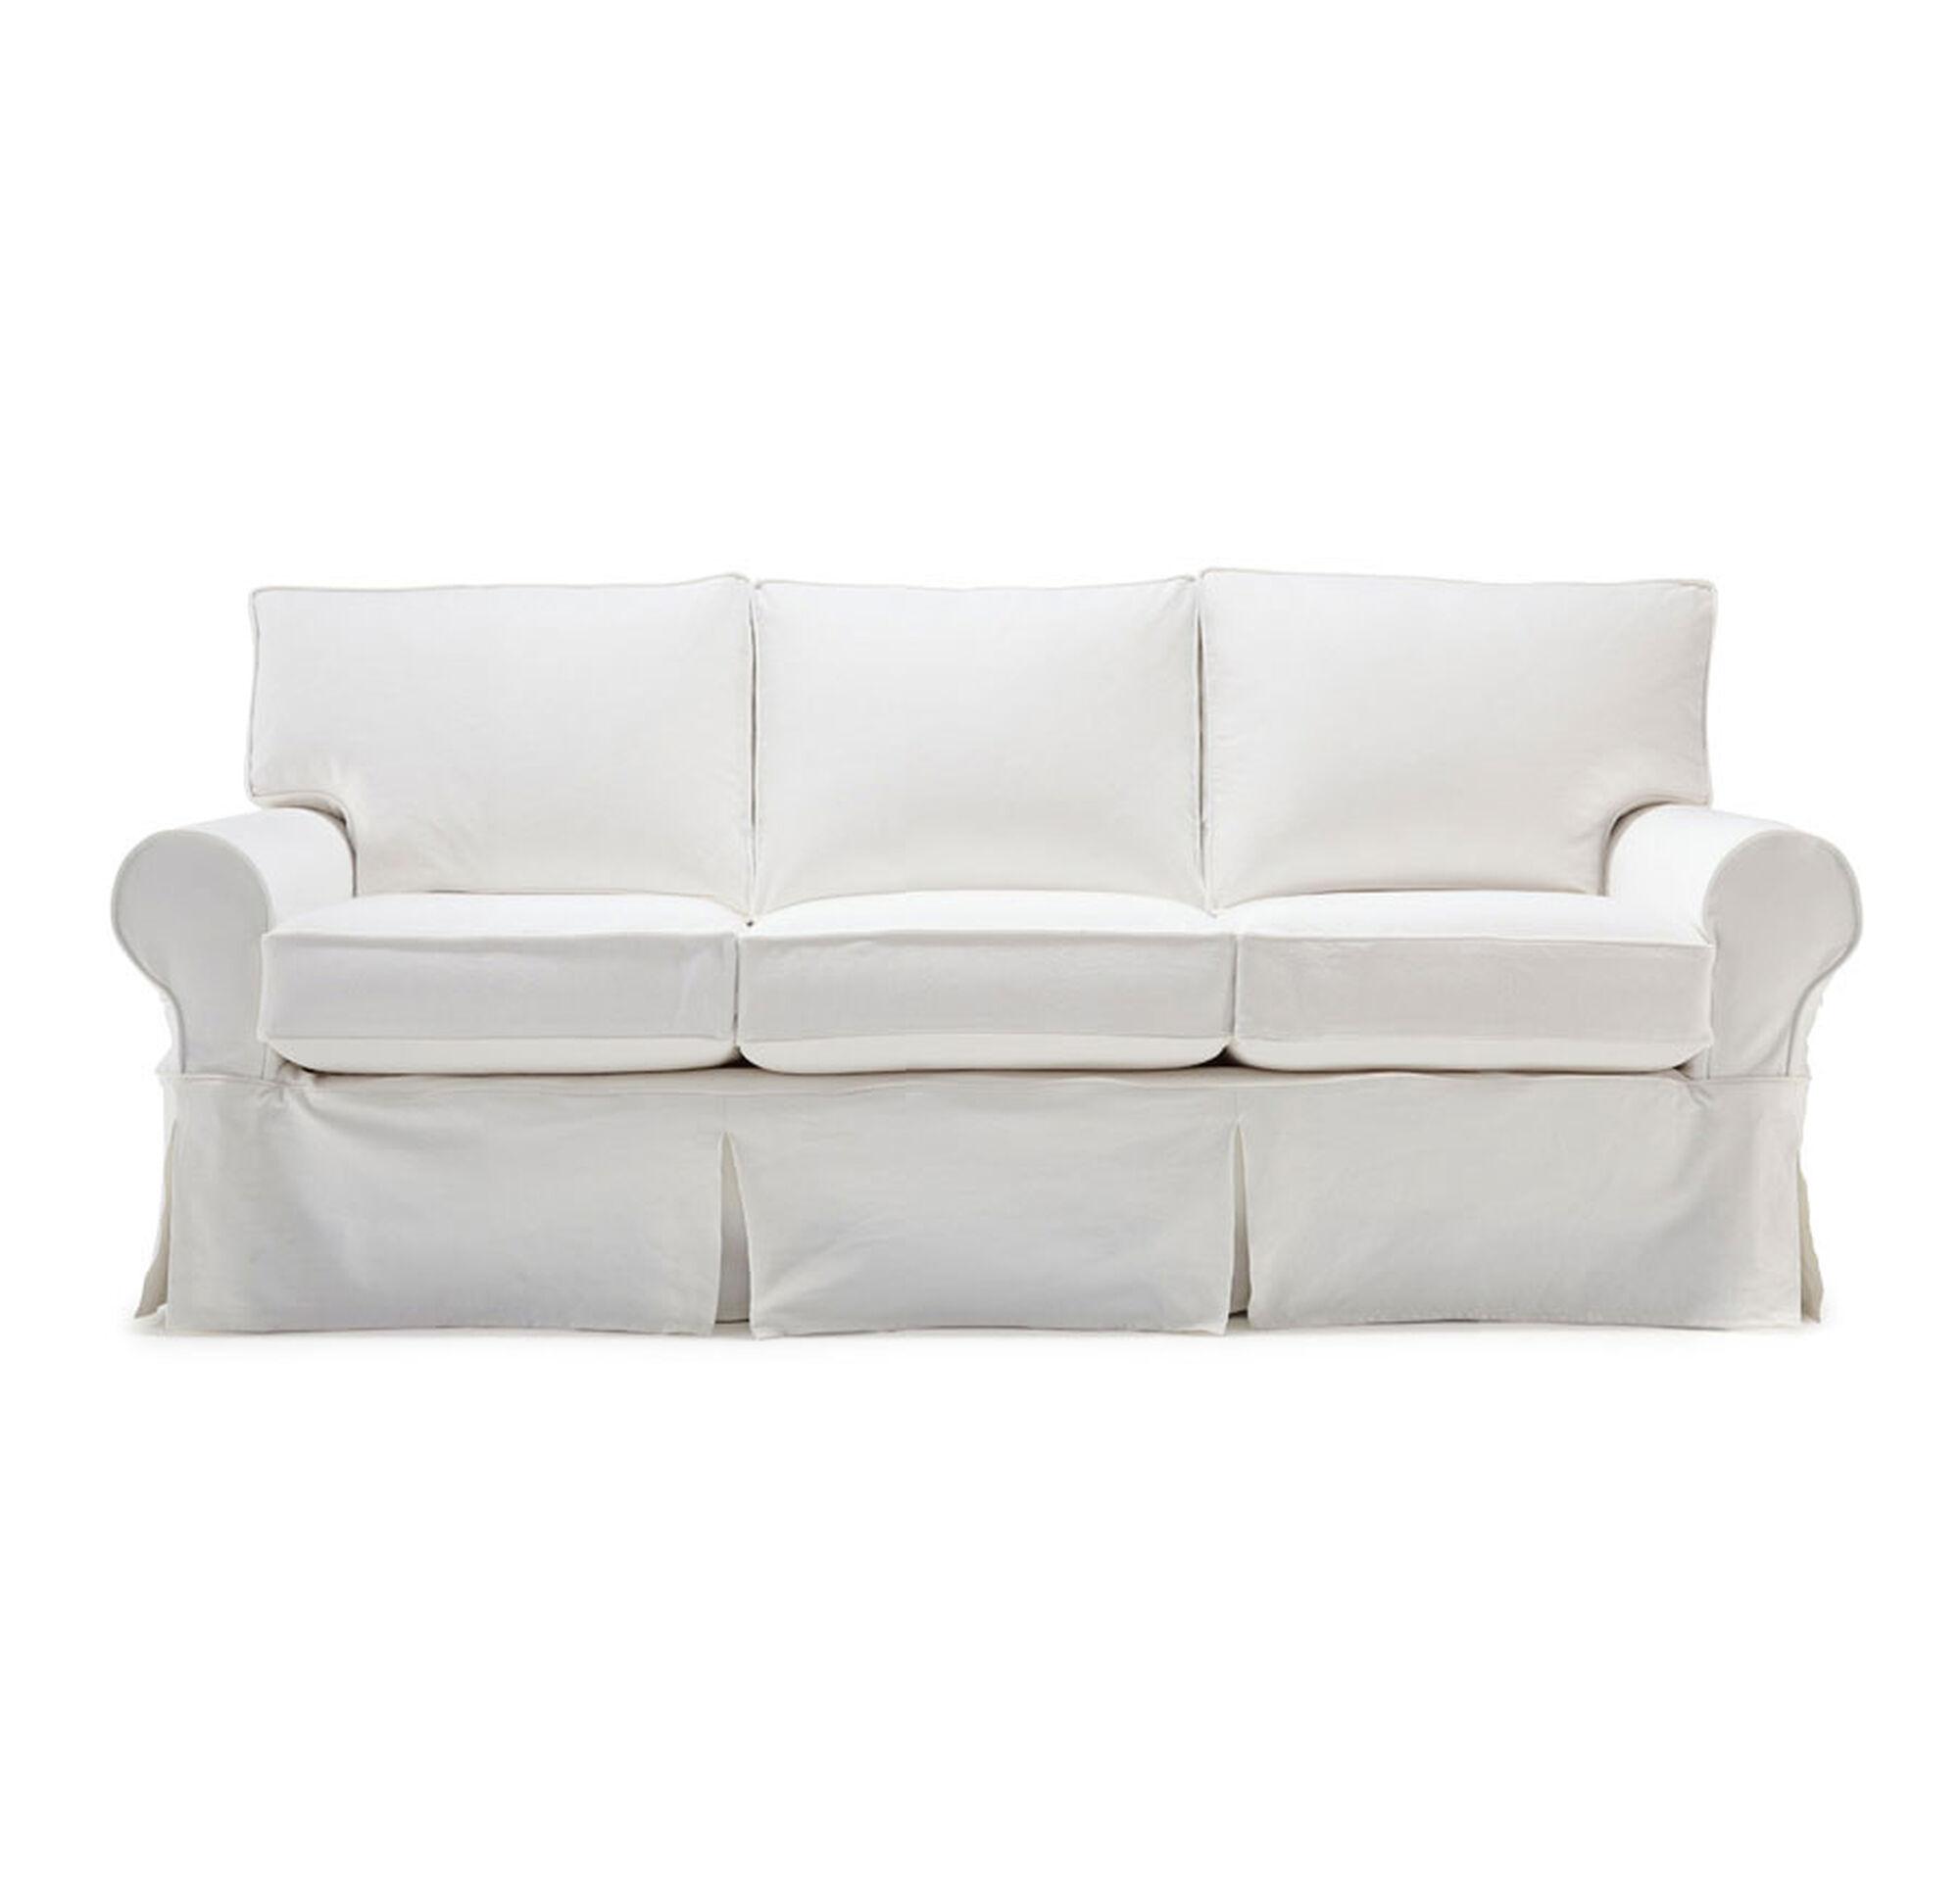 Sofa Sleeper Slipcover Queen Slipcovered Sleeper Sofas